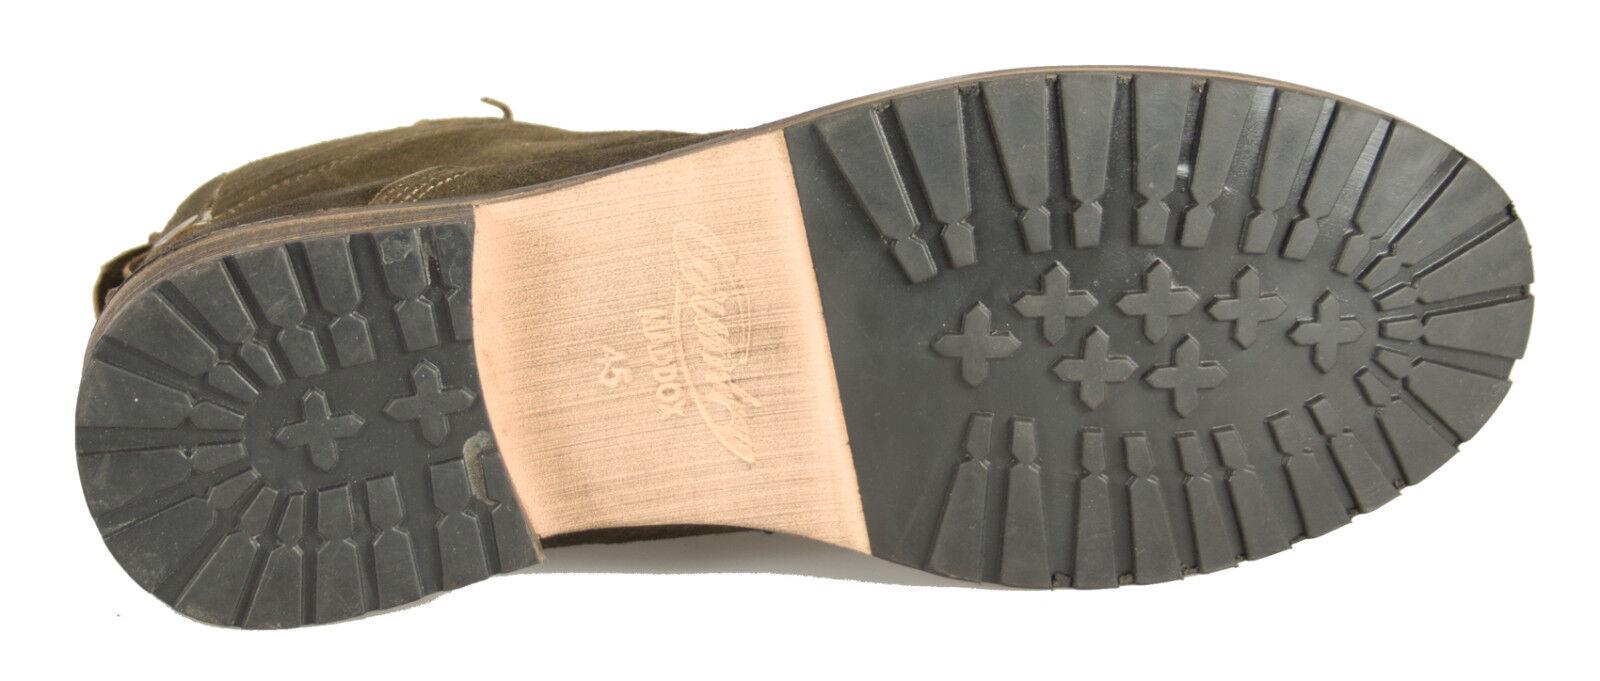 Trachtenstiefel Zugspitze Trachtenschuhe Wanderstiefel Stiefel Zugspitze Trachtenstiefel alt-espresso MADDOX da8f7c